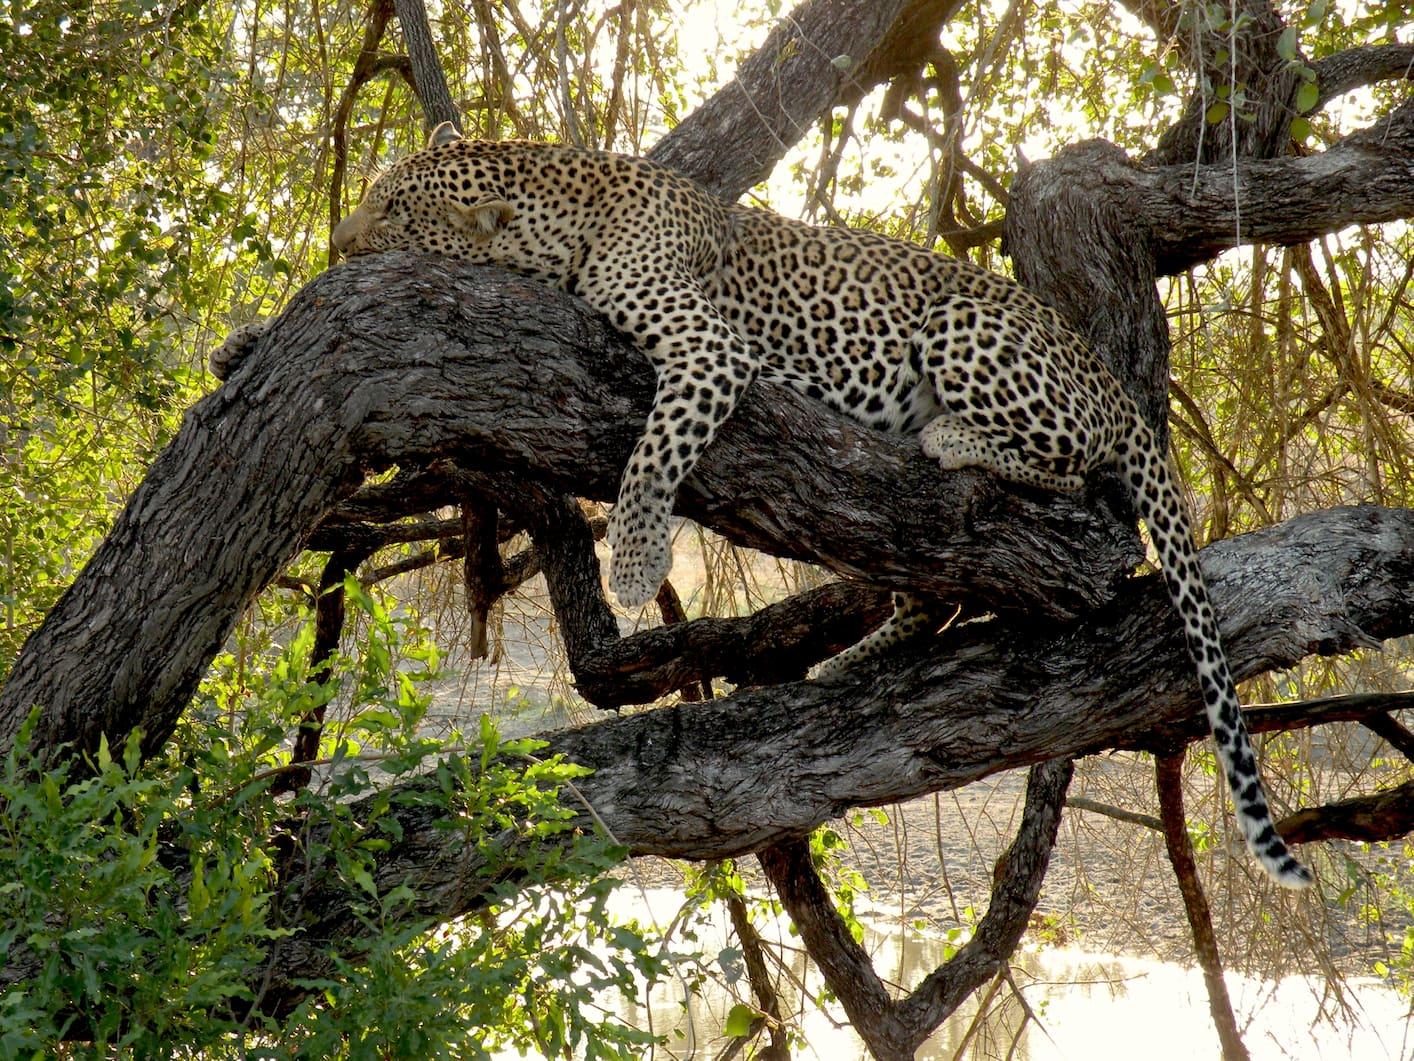 Foto Emanuela Carla Marabini (Sudafrica - Kruger)